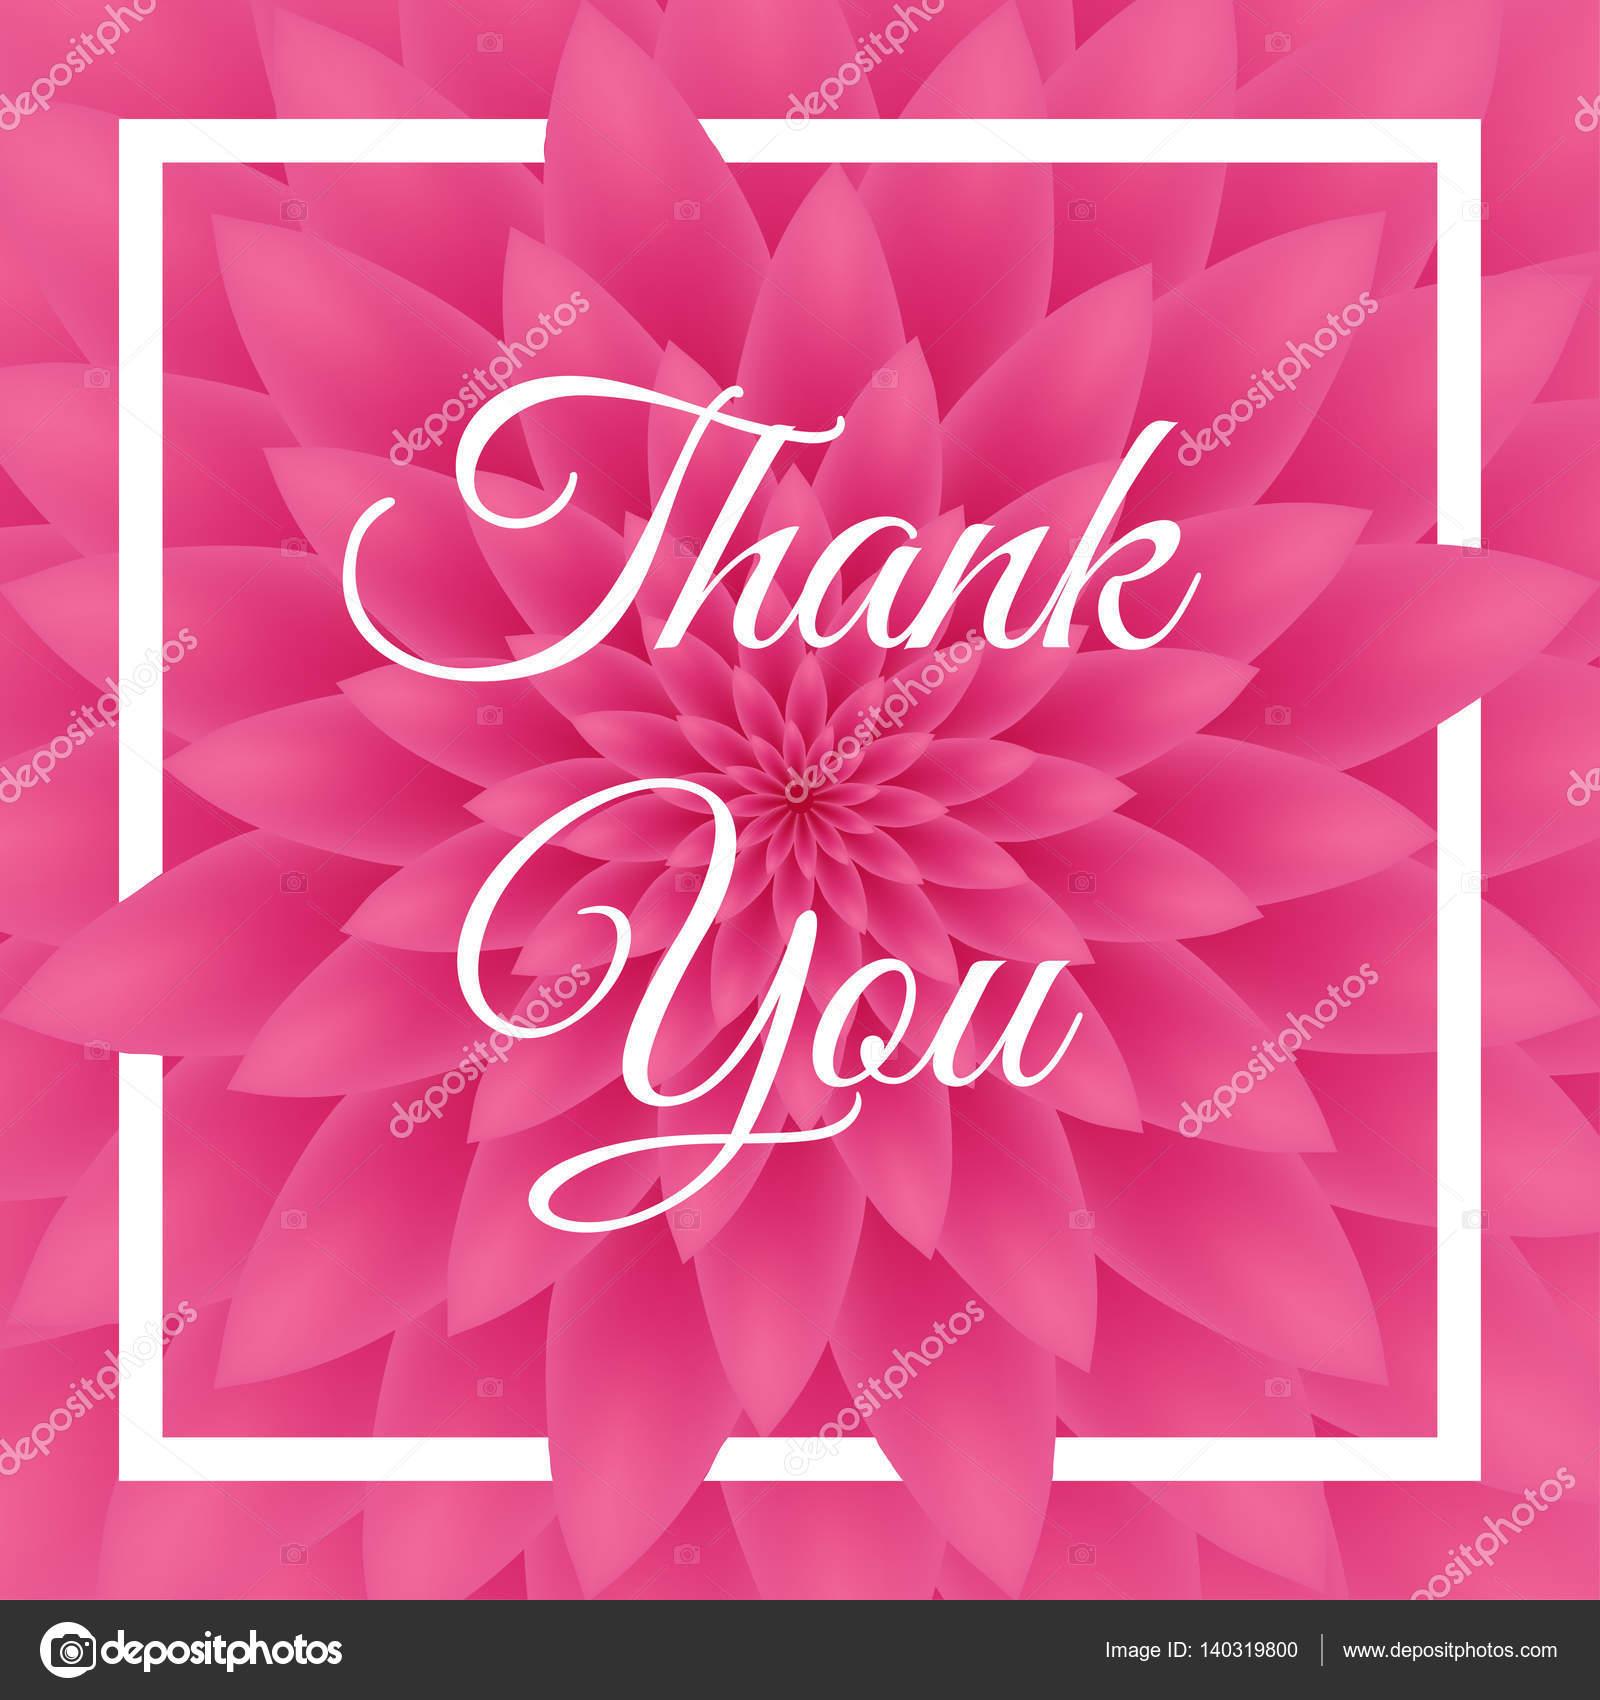 merci carte - jolie carte de voeux avec chrysanthème rose en arrière